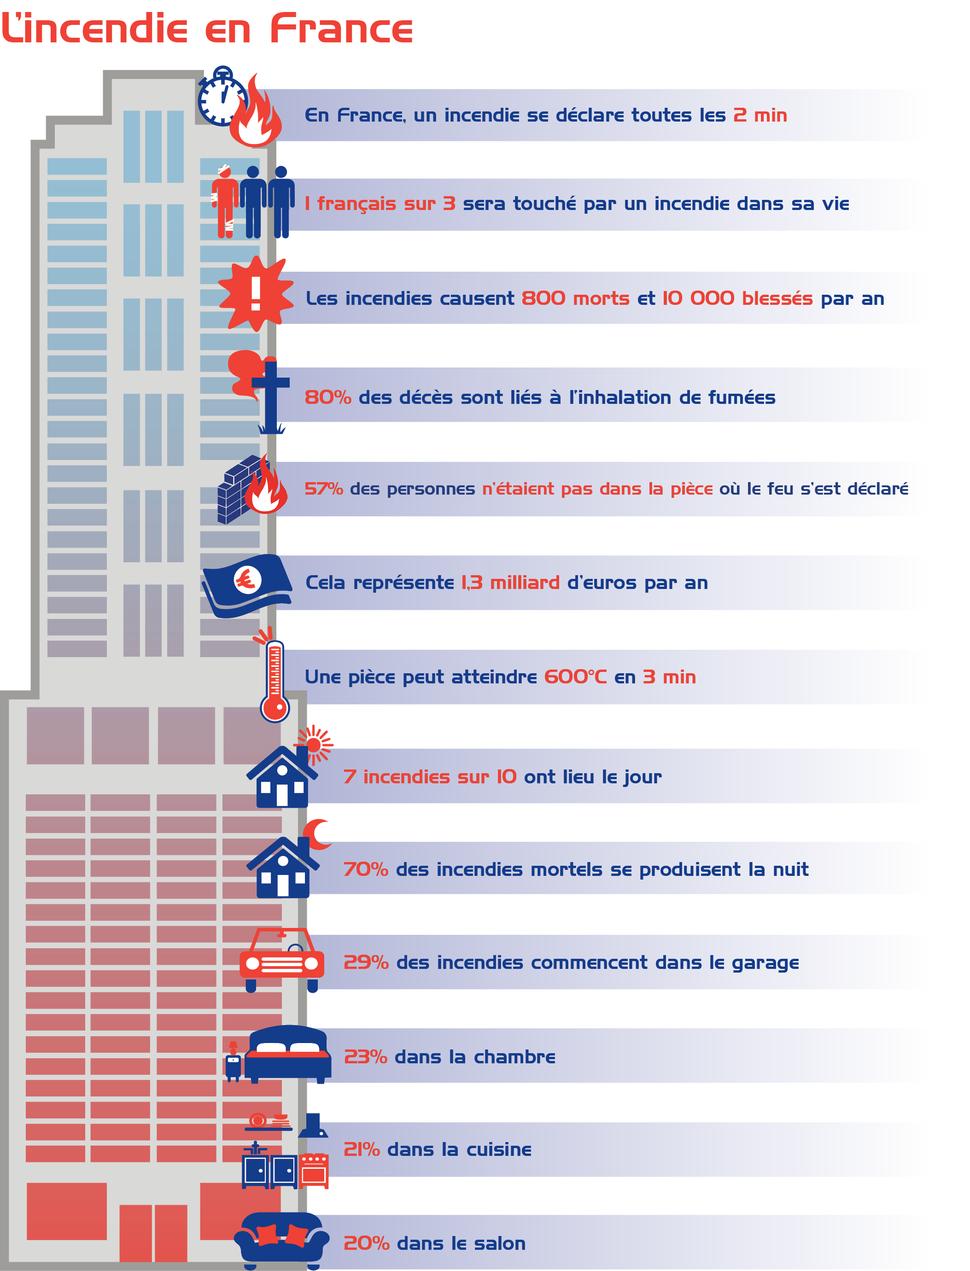 L'incendie en France en chiffres